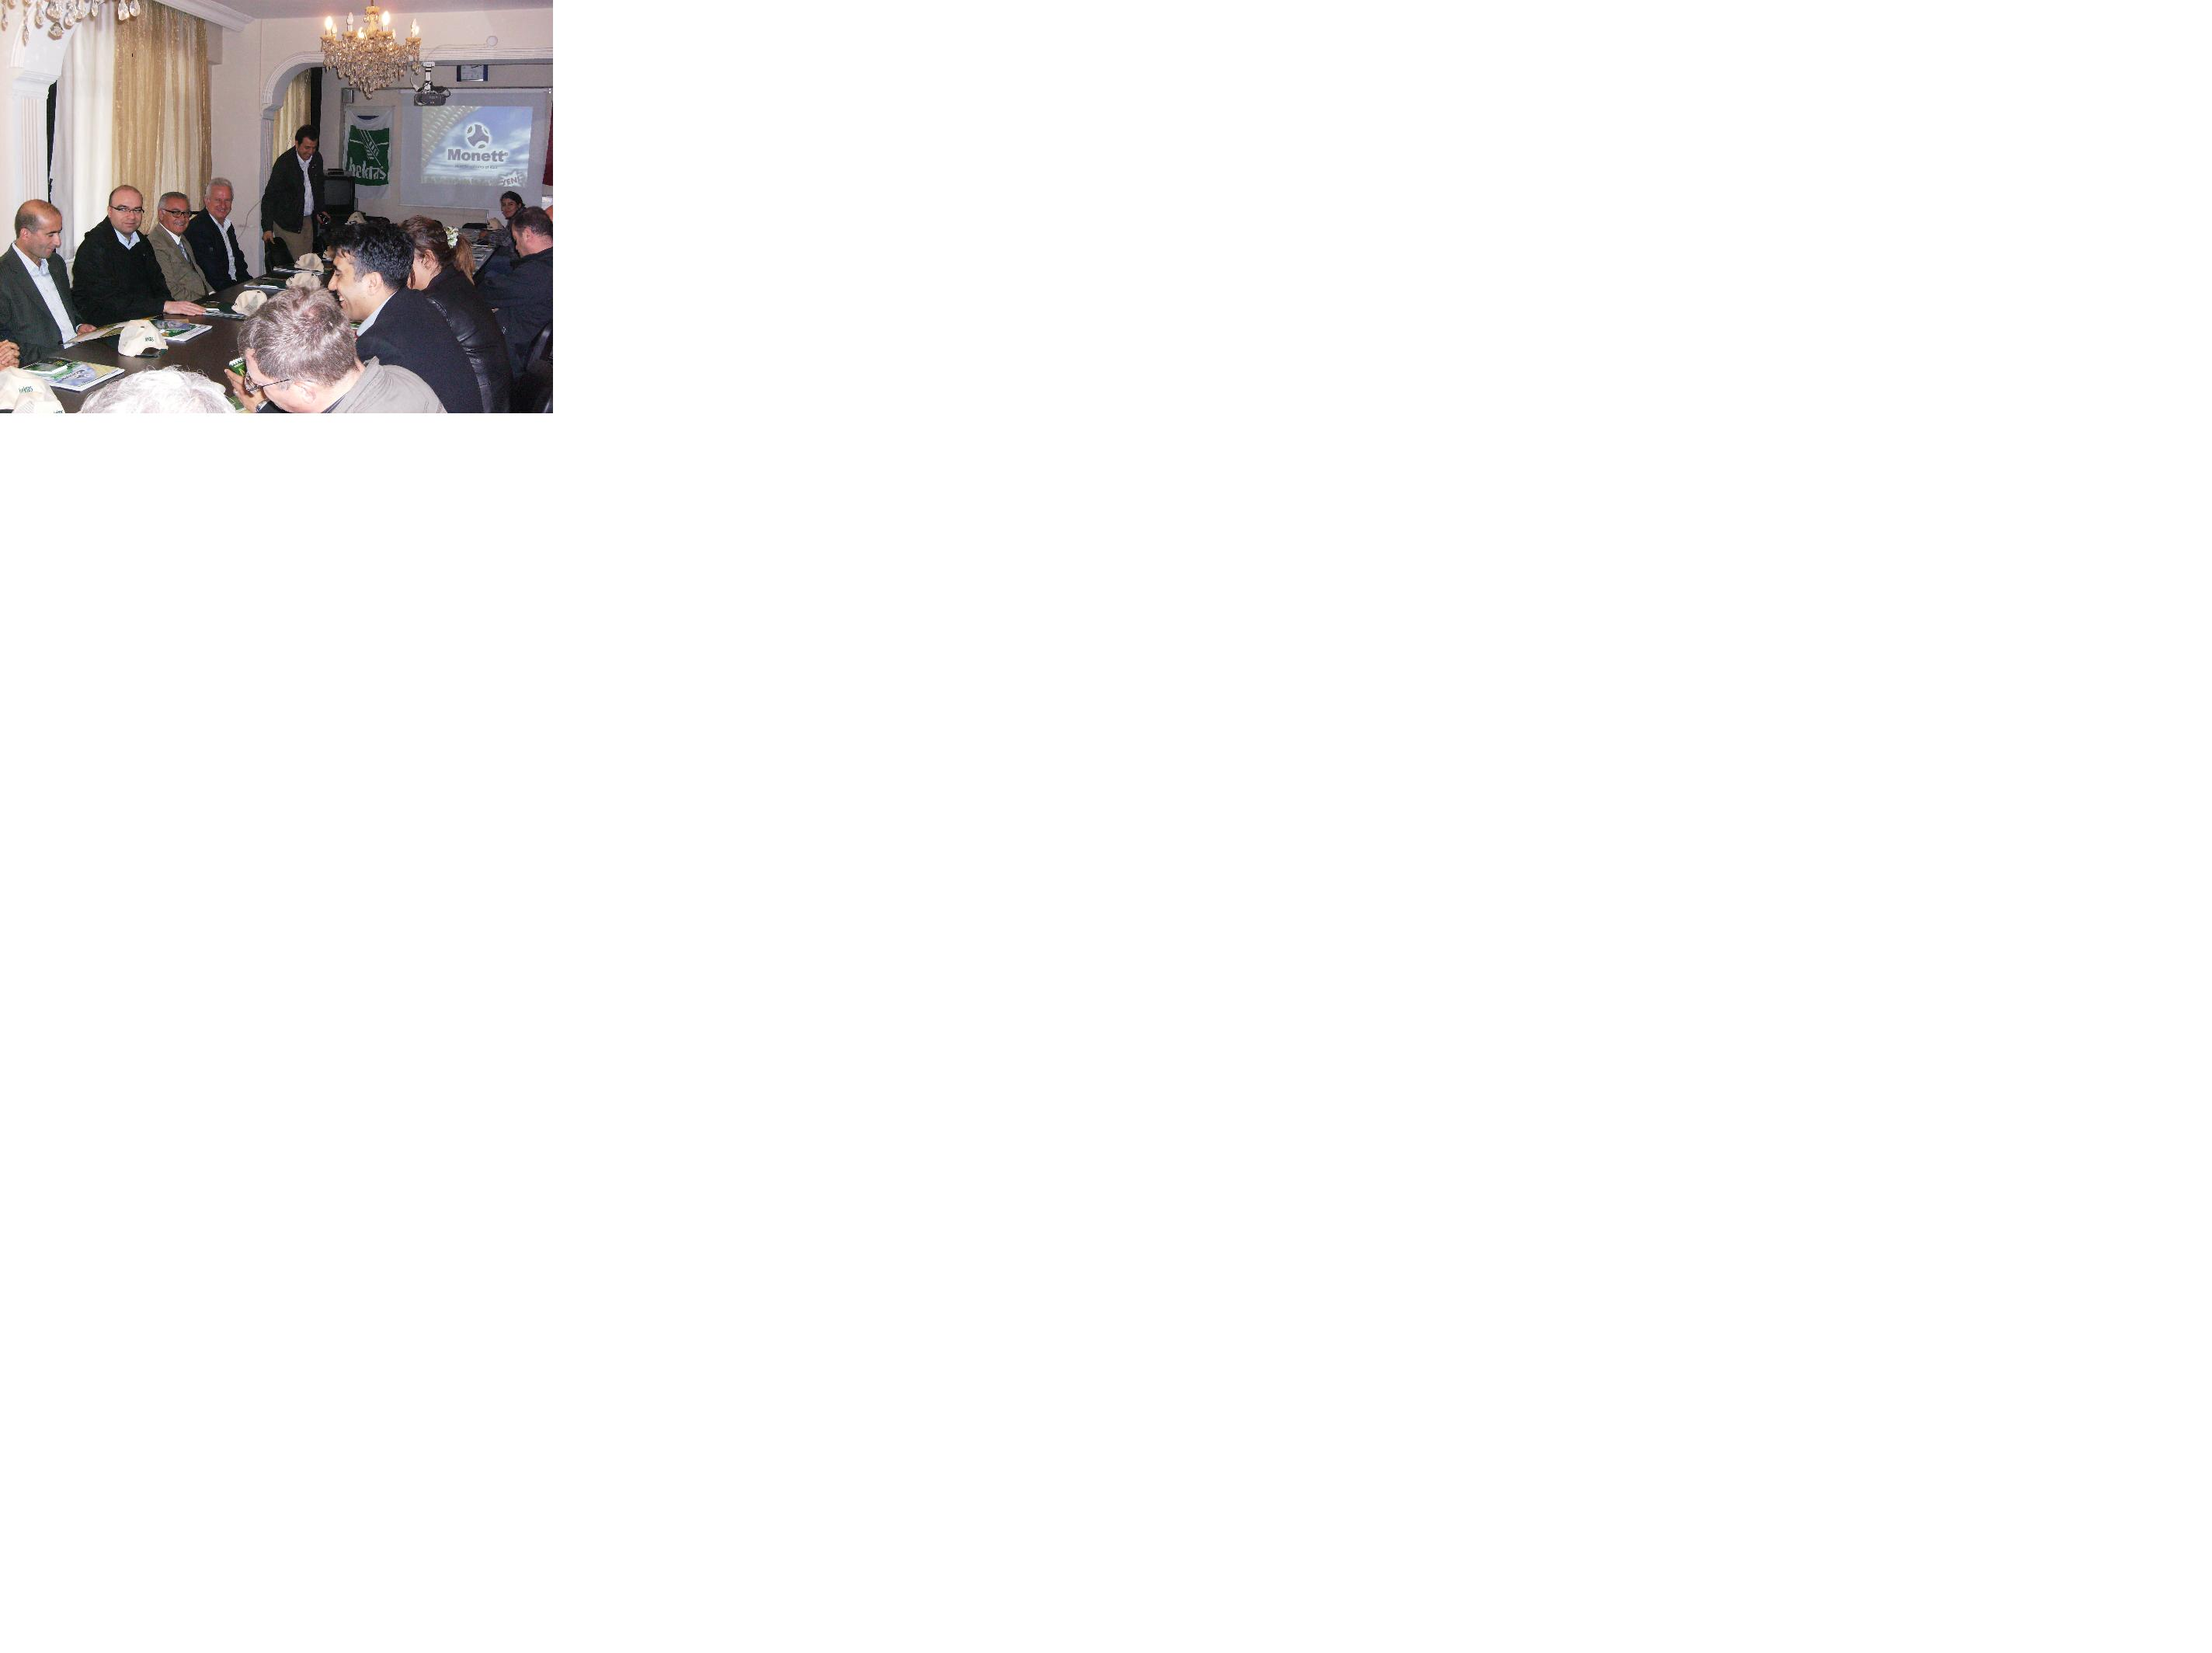 Güncellenme Zamanı: 28.03.2013 12:21:25